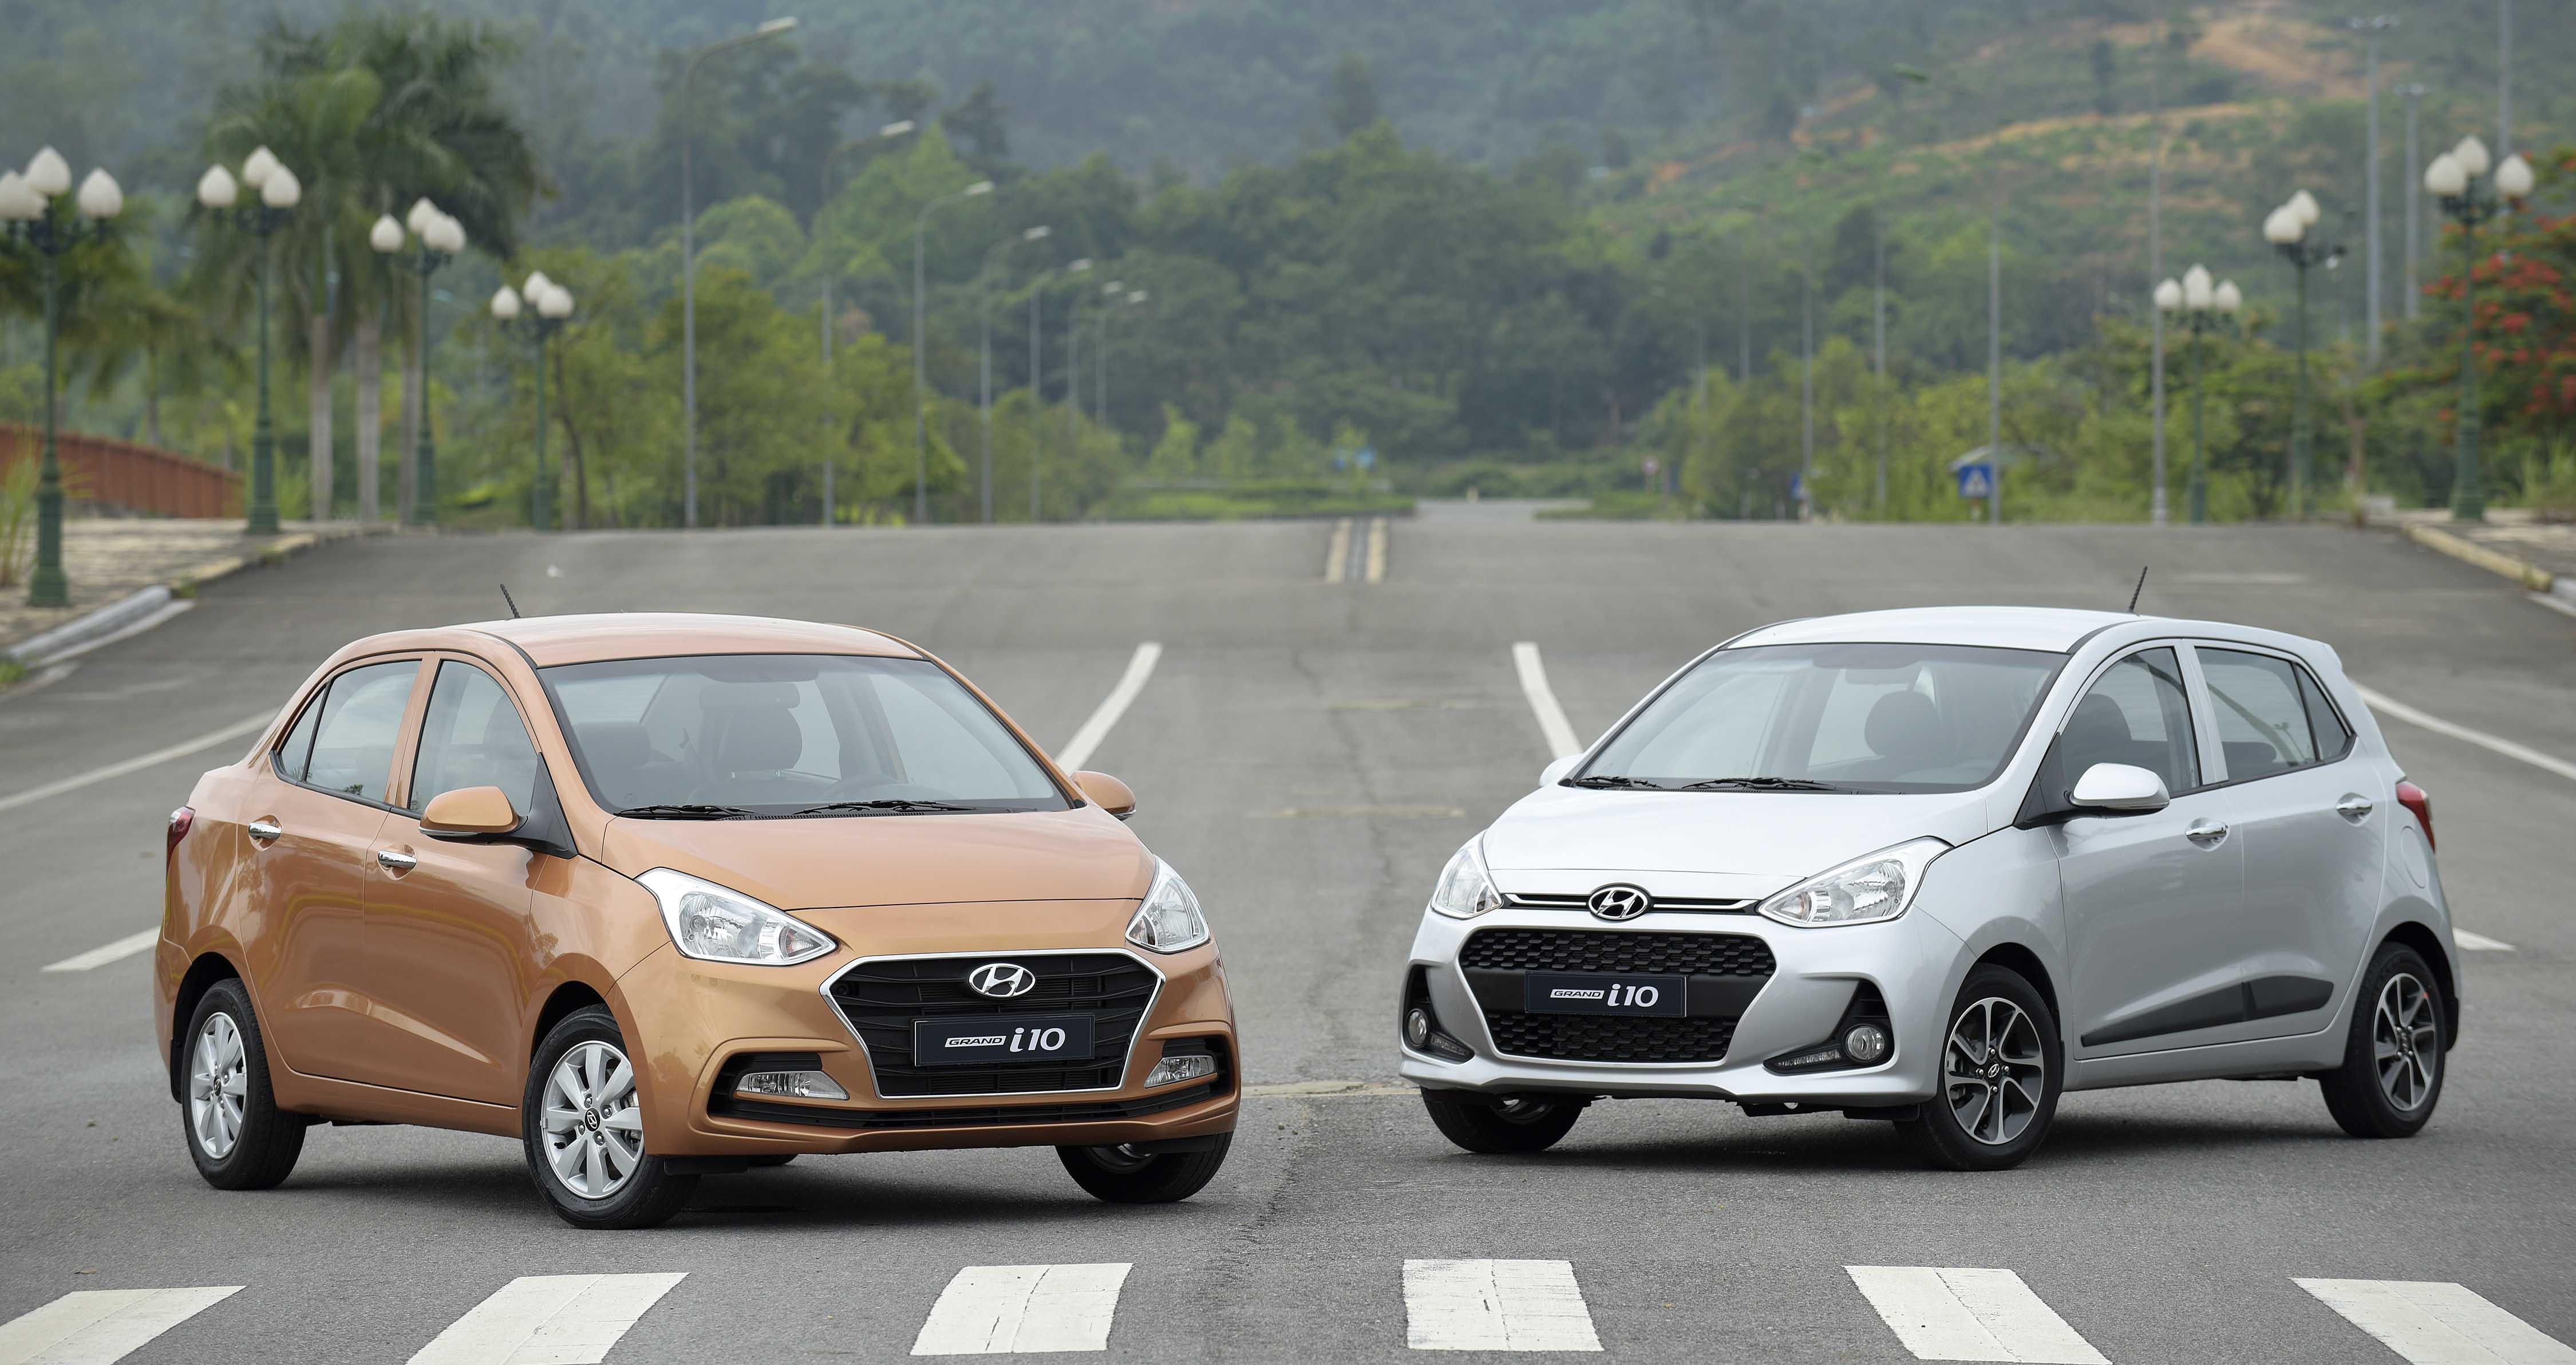 Tư vấn mua ô tô: Thuế chính thức về 0%, loạt xe được giảm giá mạnh